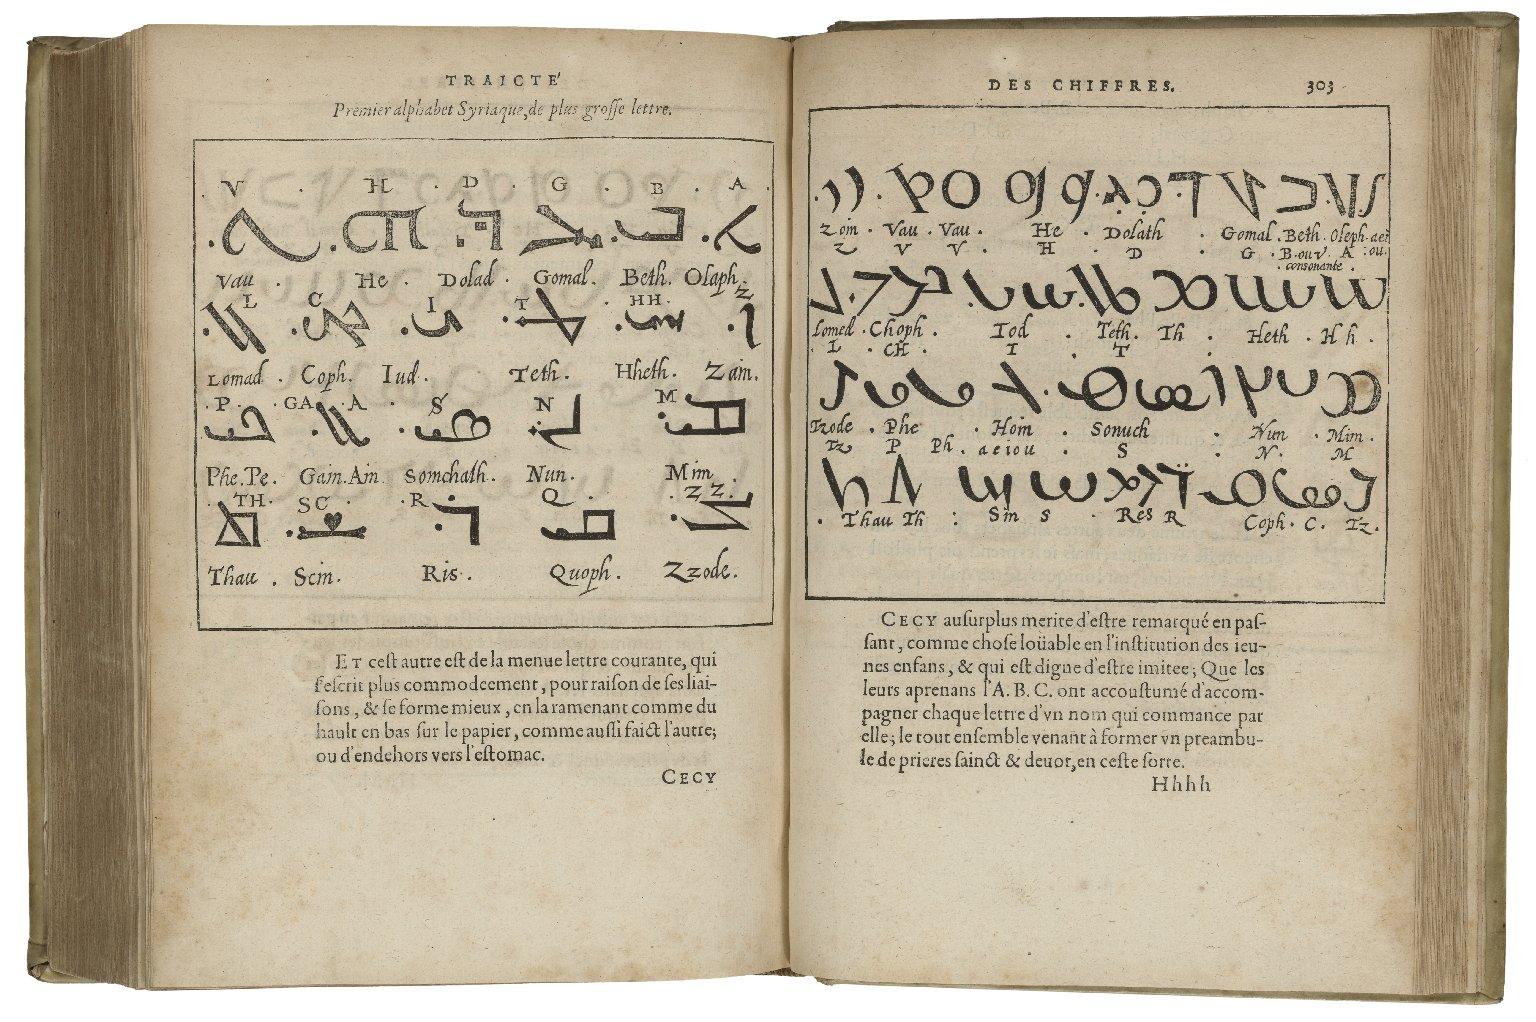 Traicté des chiffres, ou, Secretes manieres d'escrire / par Blaise de Vigenere bourbonnois.